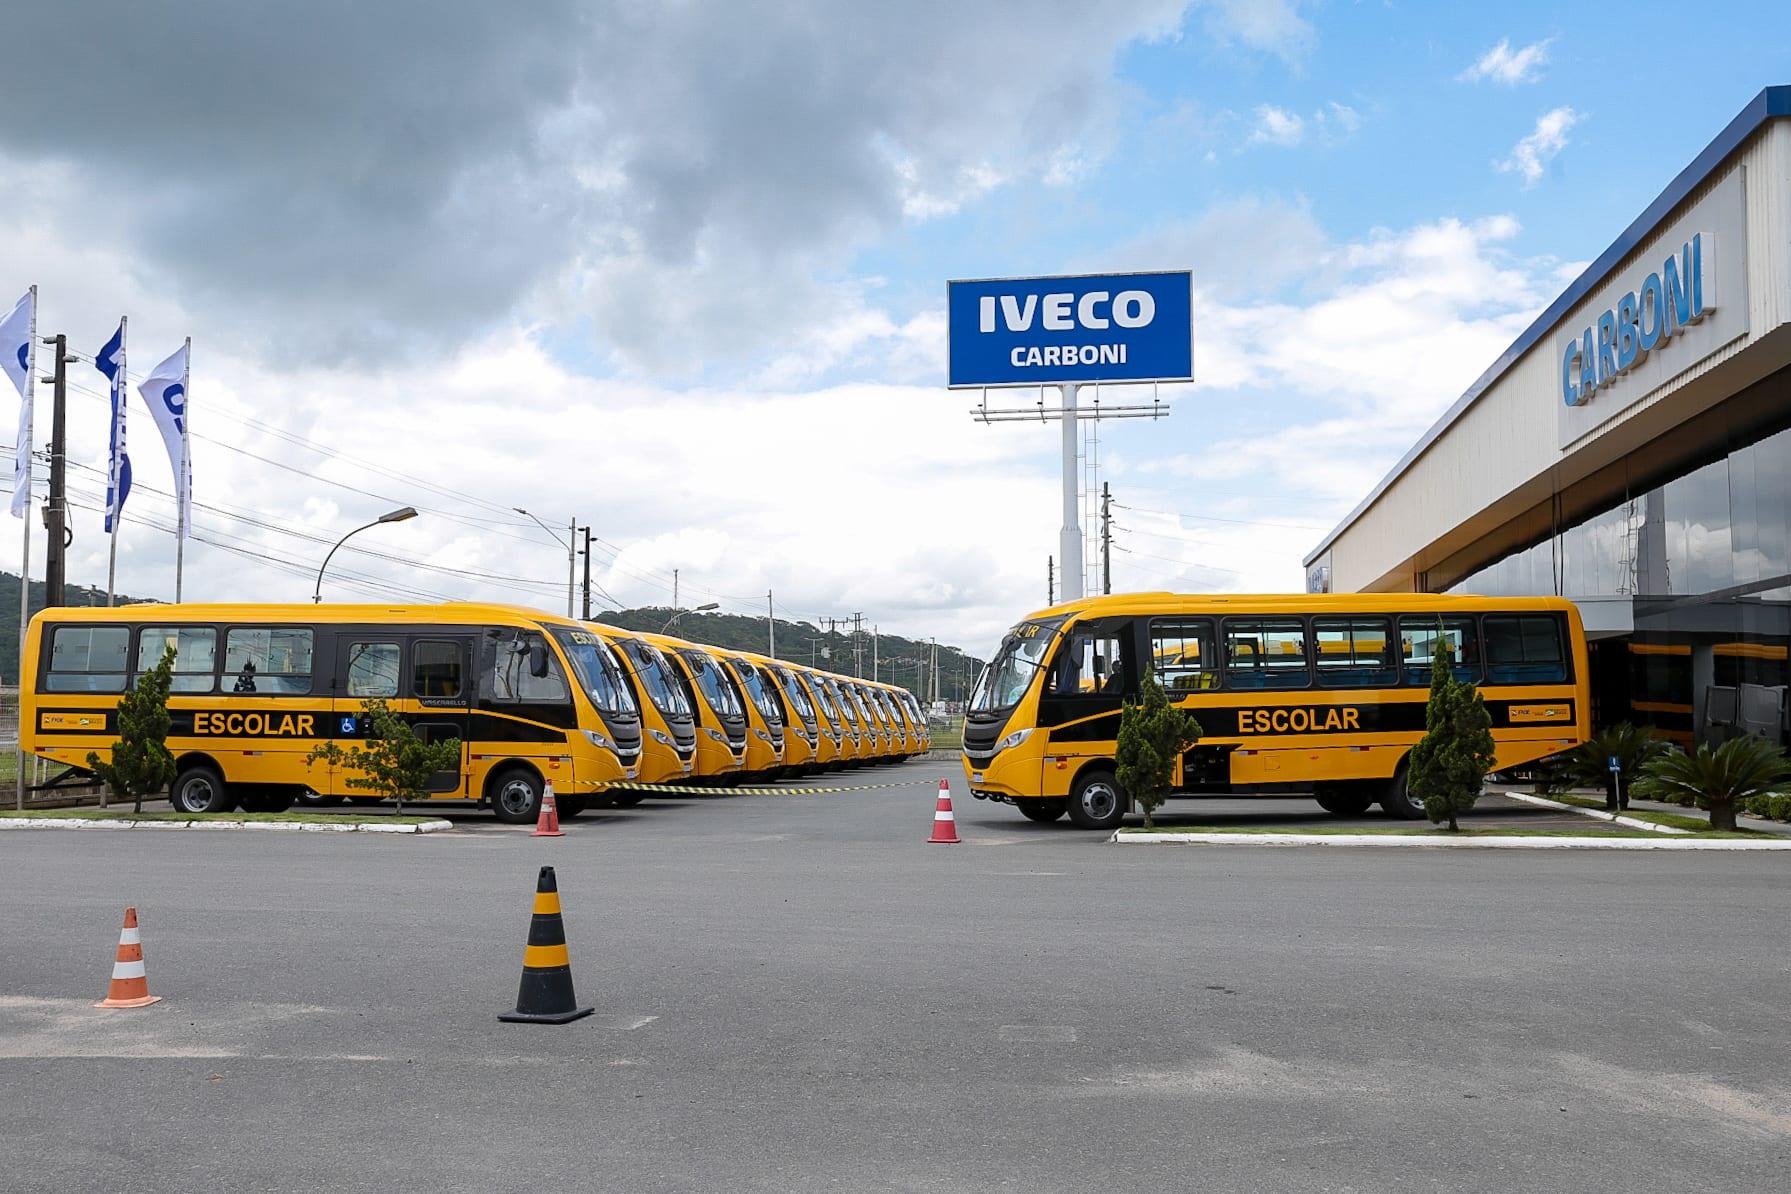 Carboni Iveco entrega mais de 70 ônibus escolares para o Governo de Santa Catarina 50732851628 8d1f119e10 o